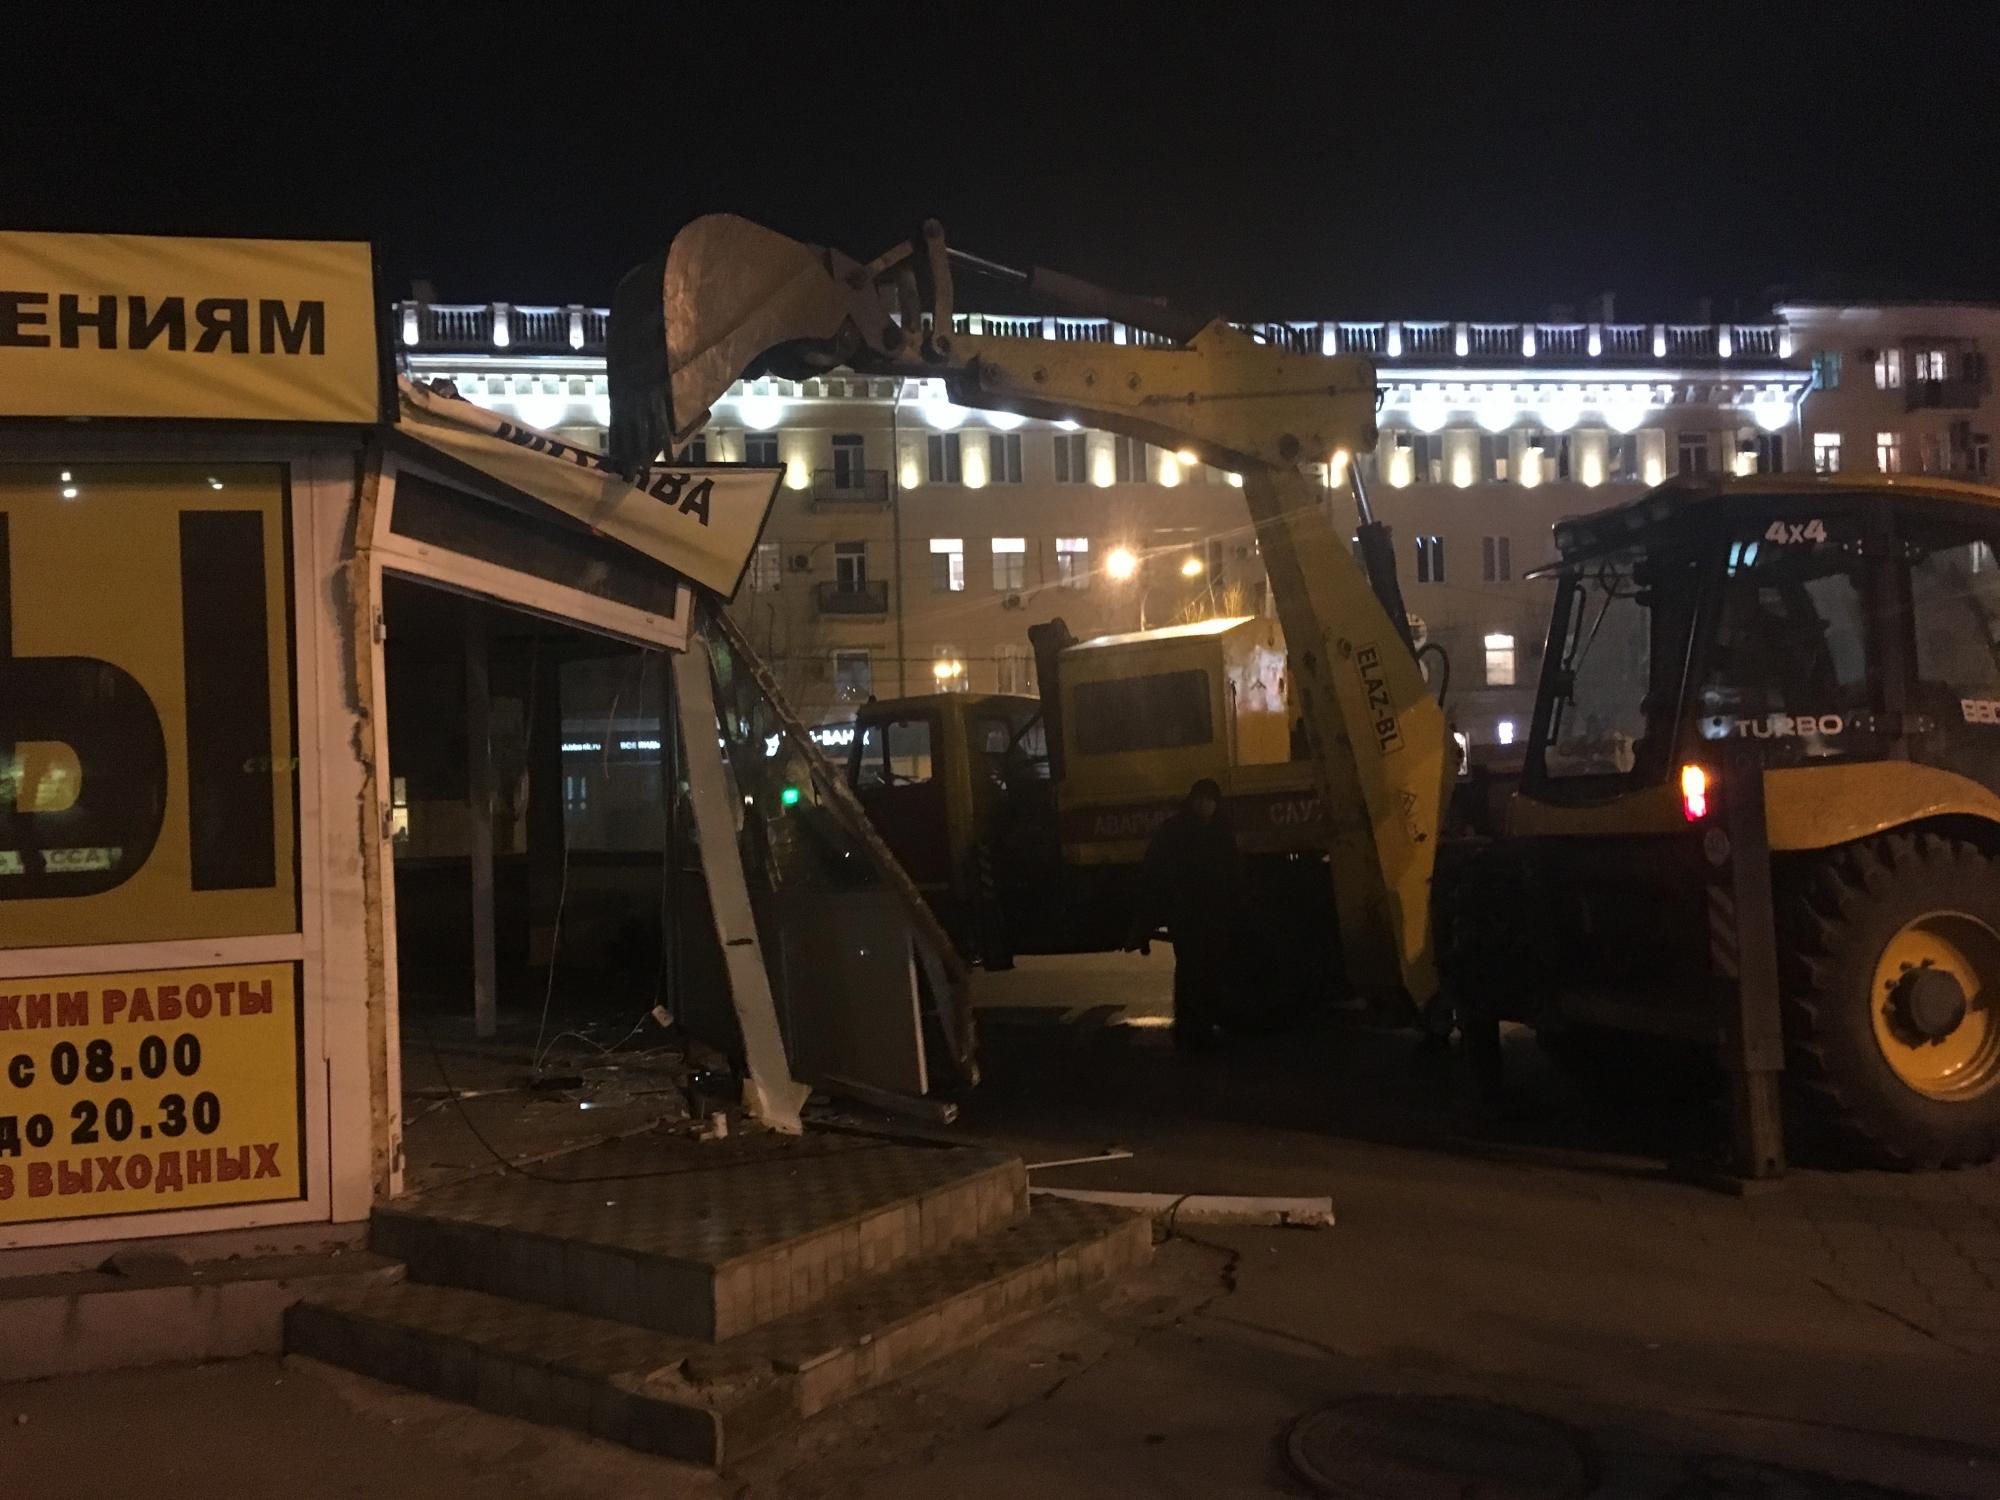 Привокзальные «шалманы» вВолгограде пошли под снос